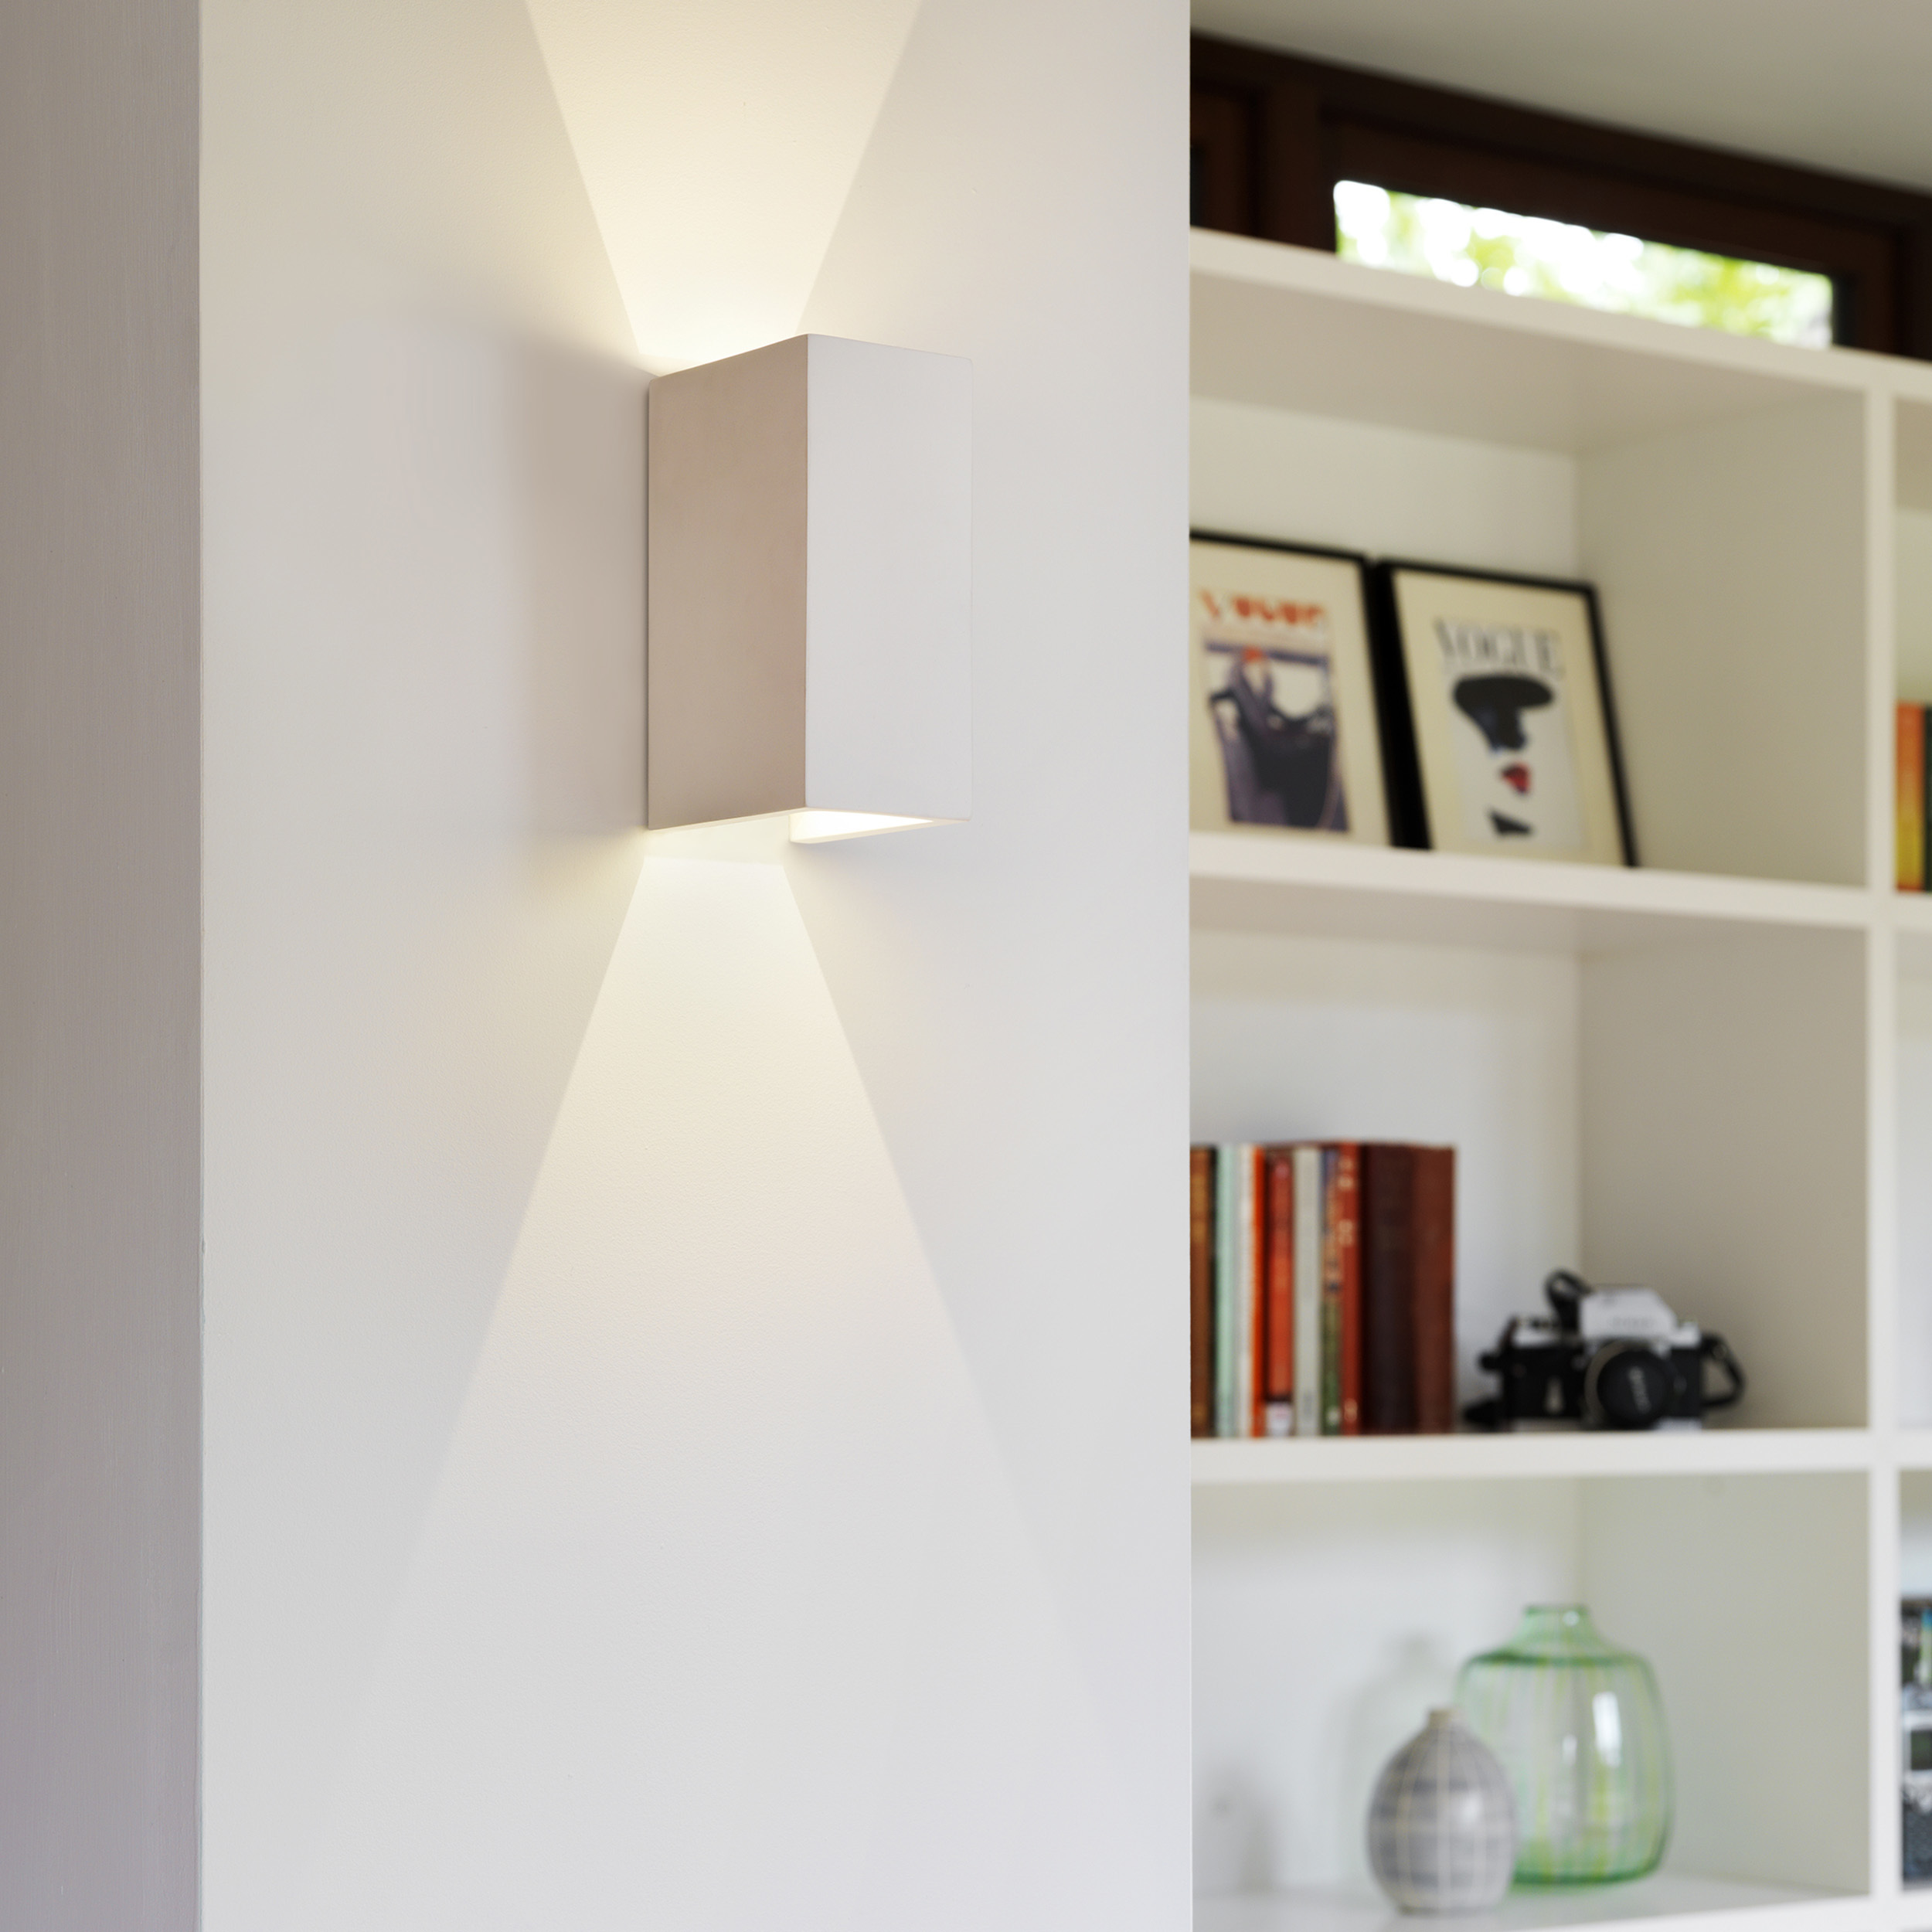 Настенный светодиодный светильник Astro Parma 1187019 (8052), LED 8W 2700K 549.9lm CRI80, белый, под покраску, гипс - фото 4